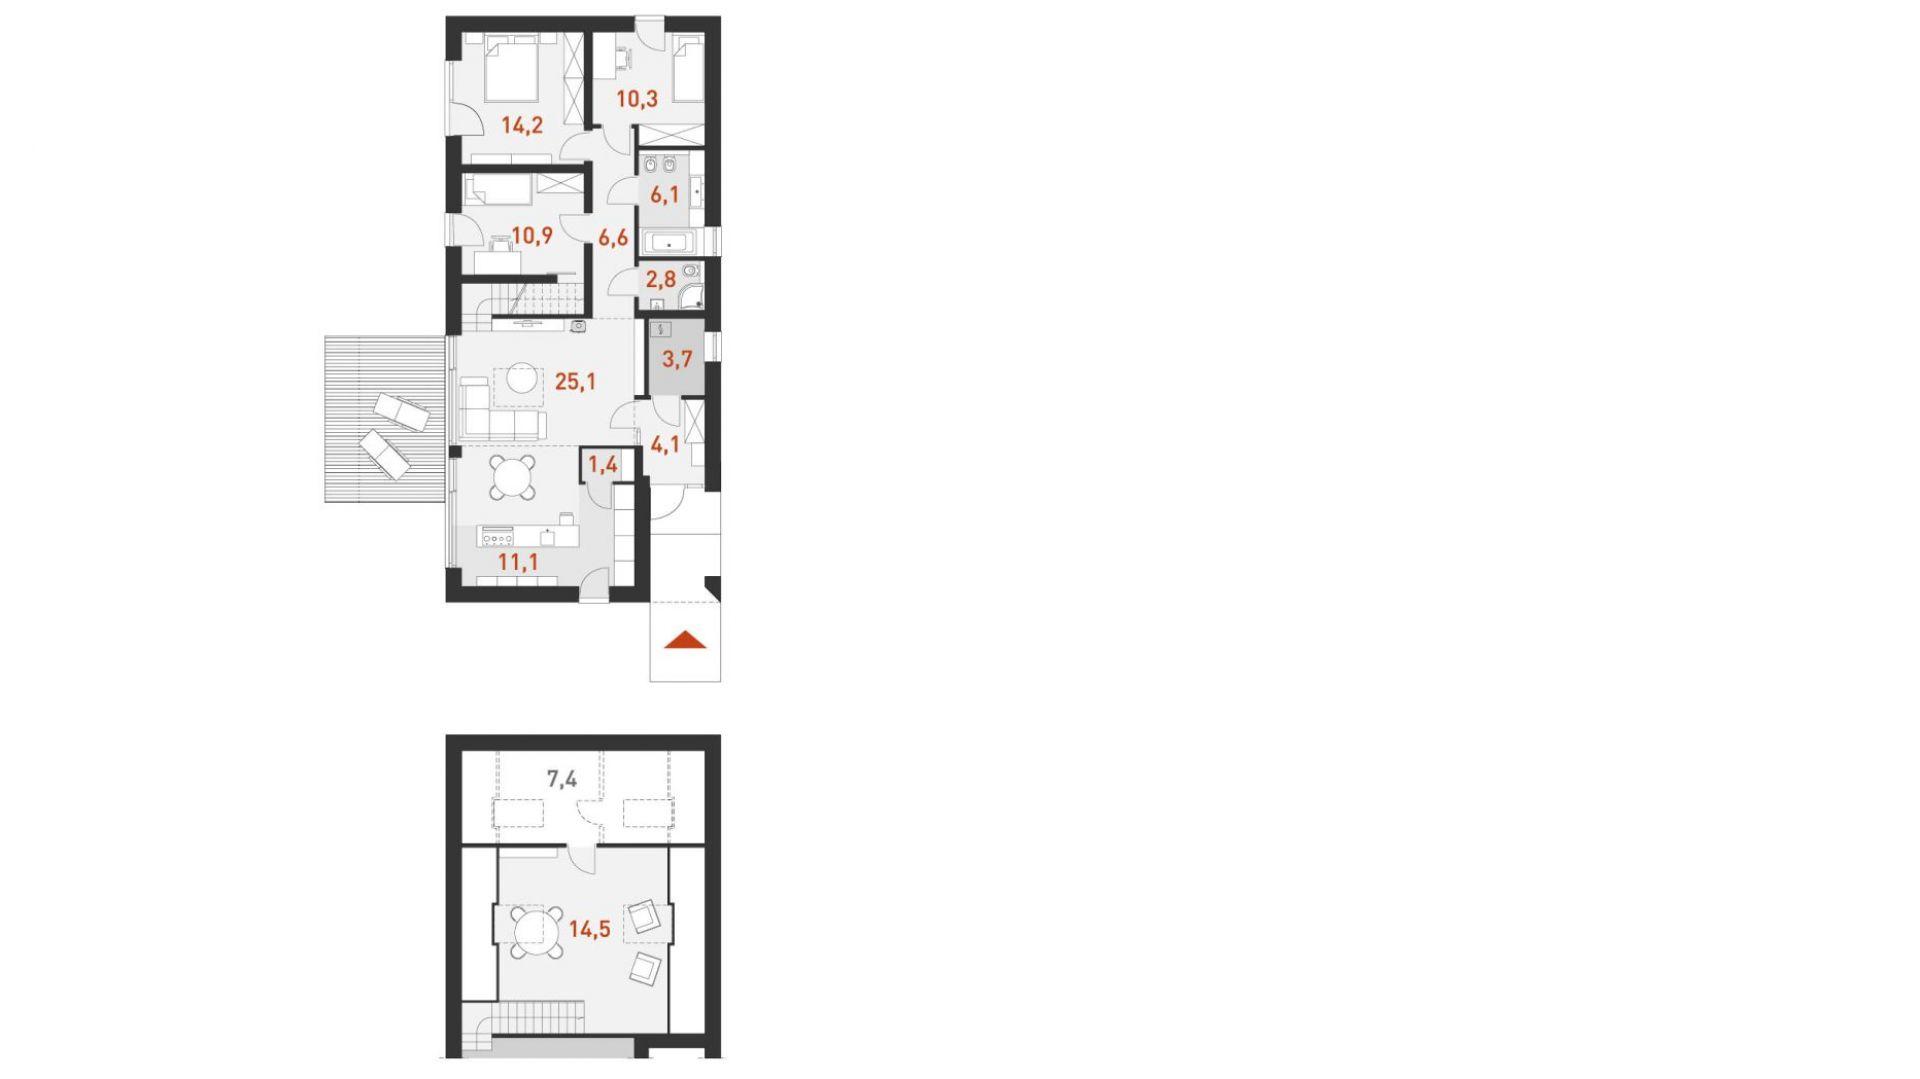 PARTER: 92,60 m2 1. wiatrołap-garderoba – 4,10 m2 2. spiżarnia – 1,40 m2 3. kuchnia – 11,10 m2 4. pokój dzienny + jadalnia – 25,10 m2 5. pokój – 10,90 m2 6. pokój – 14,20 m2 7. pokój – 10,30 m2 8. komunikacja – 6,60 m2 9. łazienka – 6,10 m2 10. łazienka – 2,80 m2 11. pom. gospodarcze - kotłownia* – 3,70 m2 PODDASZE: 21,90 m2 1. antresola – 14,50 m2 2. antresola – 7,40 m2 *pomieszczenia niewliczone do powierzchni użytkowej Rzut domu. Dom Ekonomiczny 1B. Projekt: arch. Krzysztof Borowski, arch. Piotr Rynkiewicz. Fot. Domy z wizją